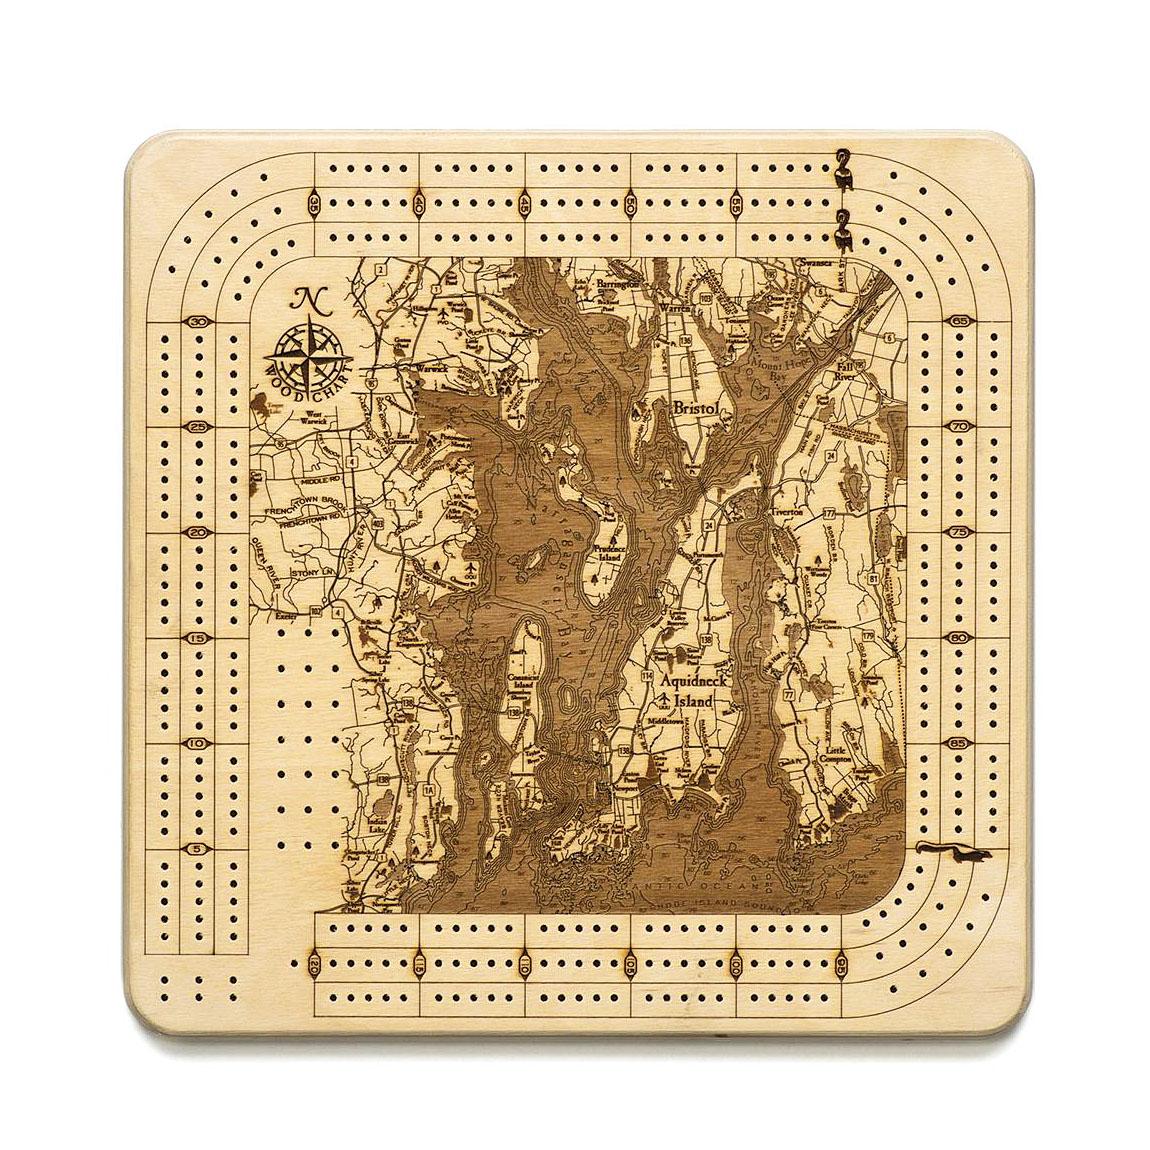 Narragansett Bay Cribbage Board